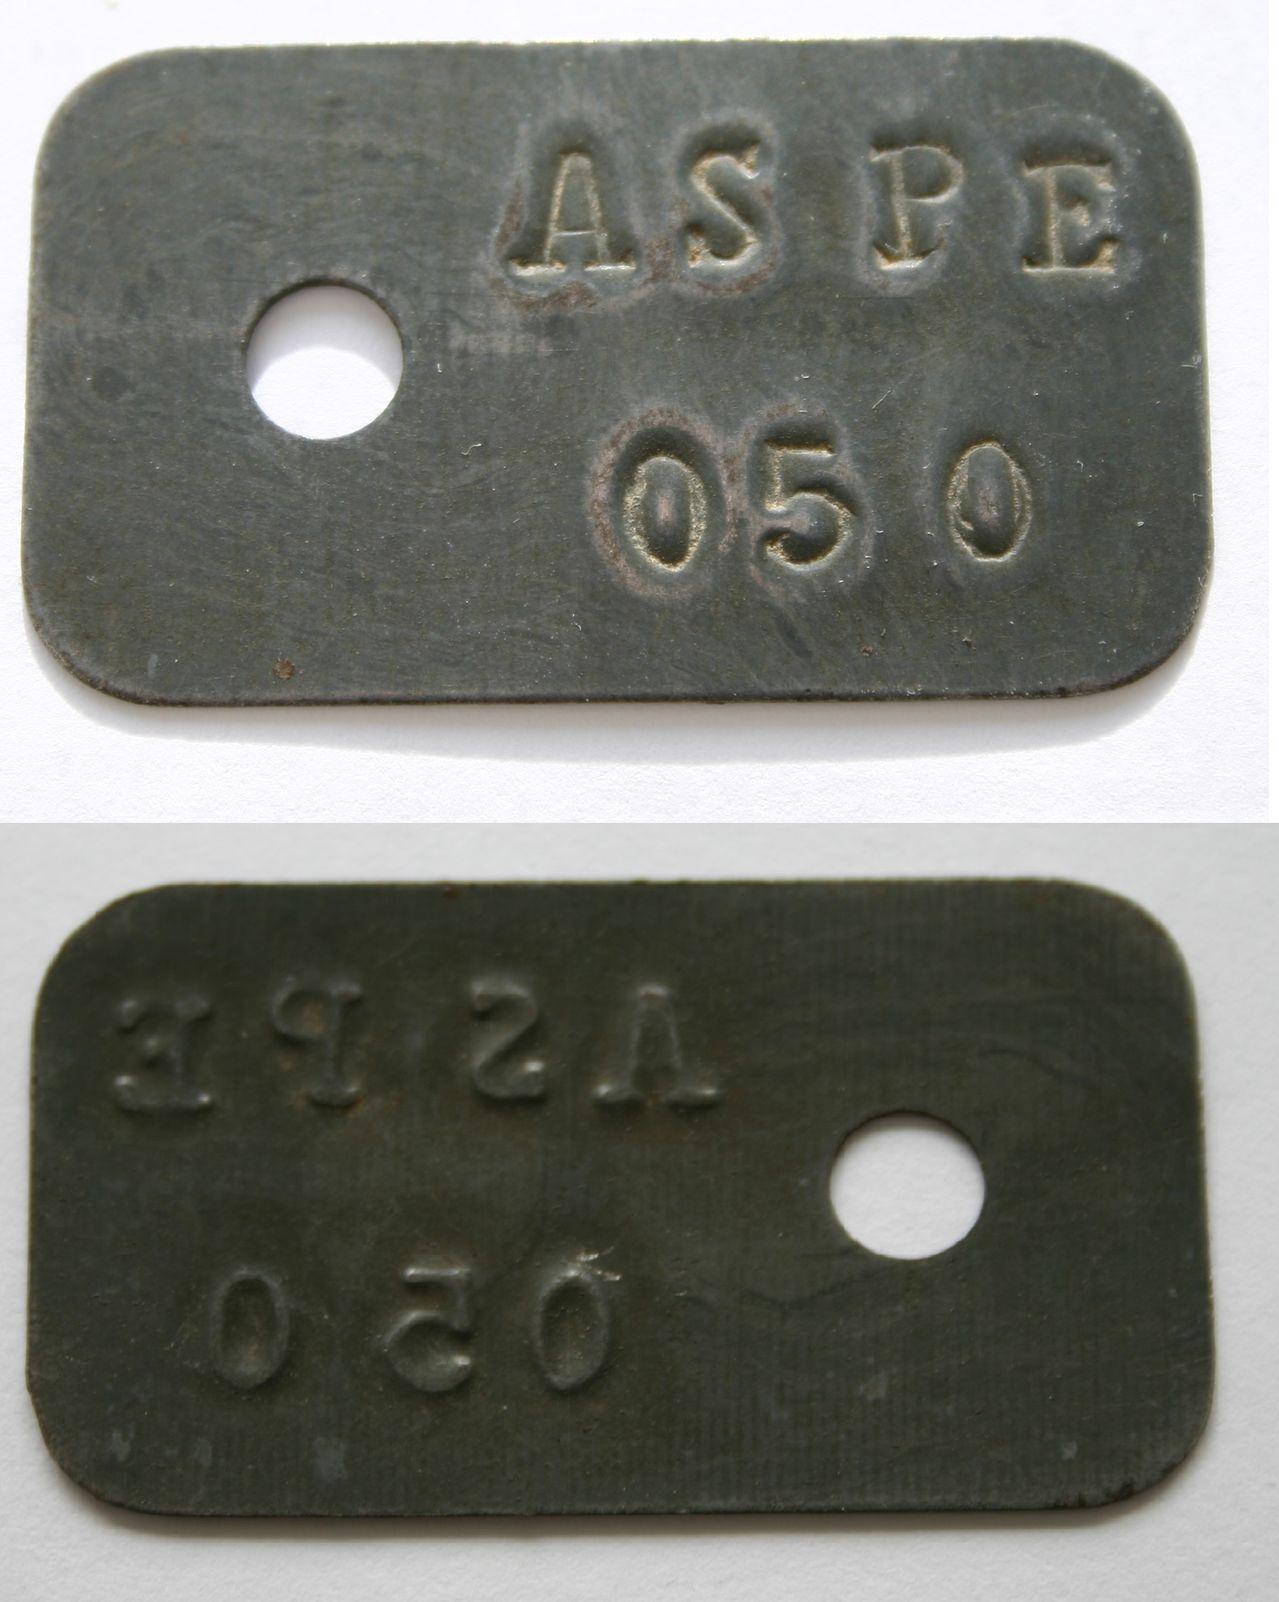 50 céntimos de Aspe. Guerra Civil Española. IMG_1202